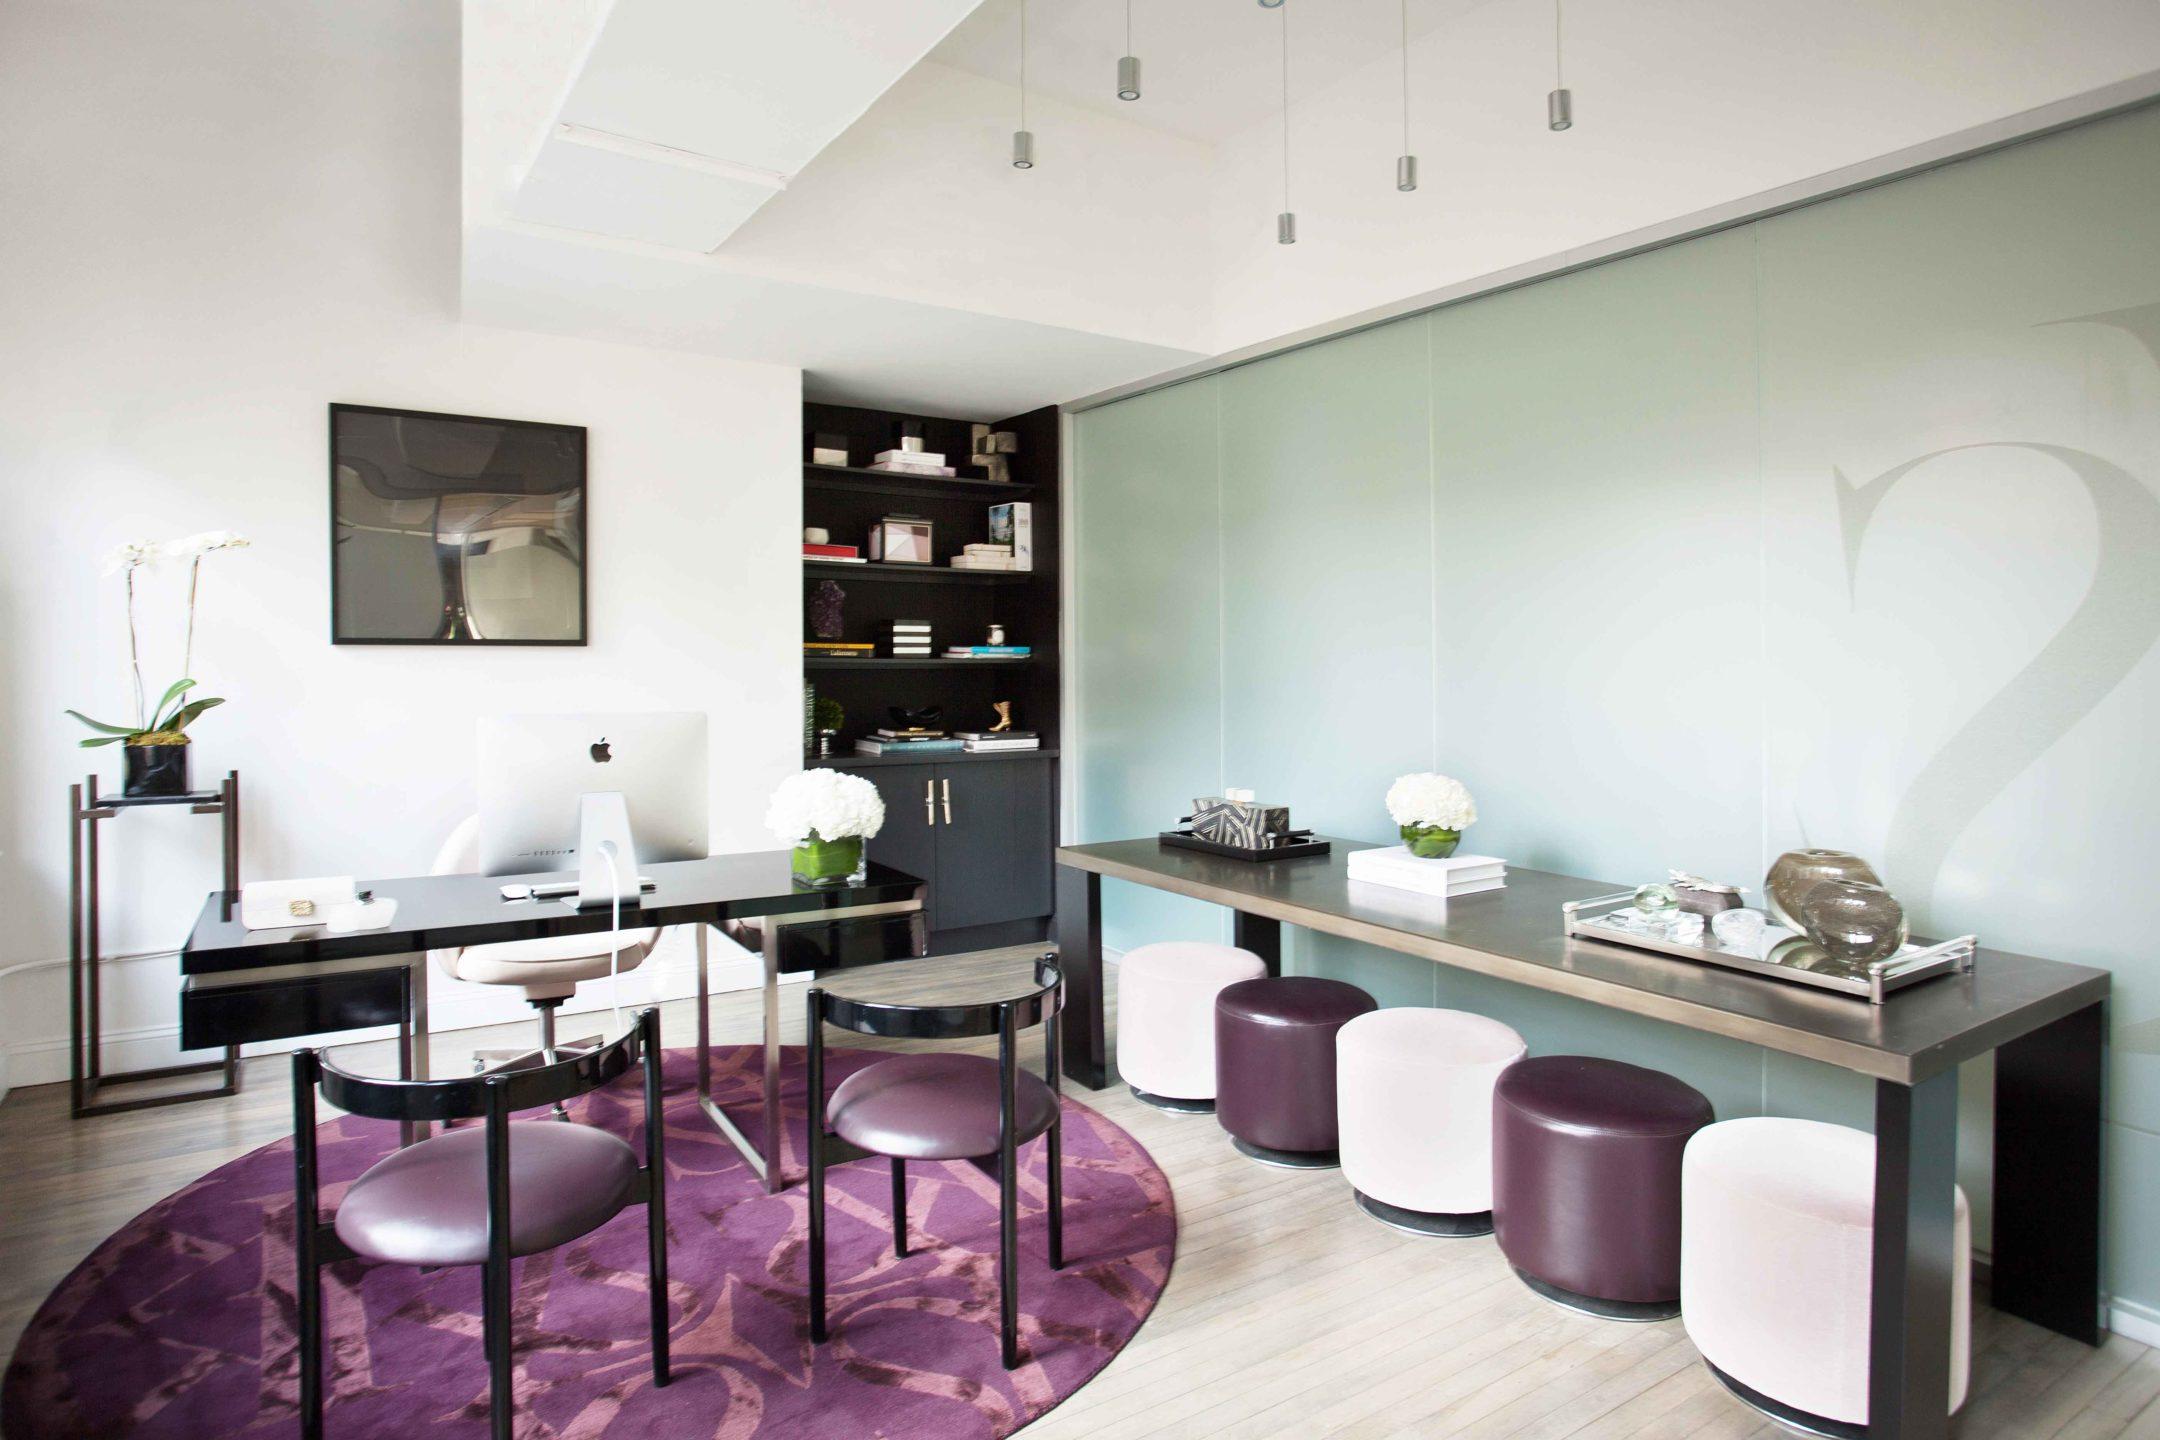 Nicole-Fuller-KLS-Kimora-Lee-Simmons-offices-new-york-interior-designer-8